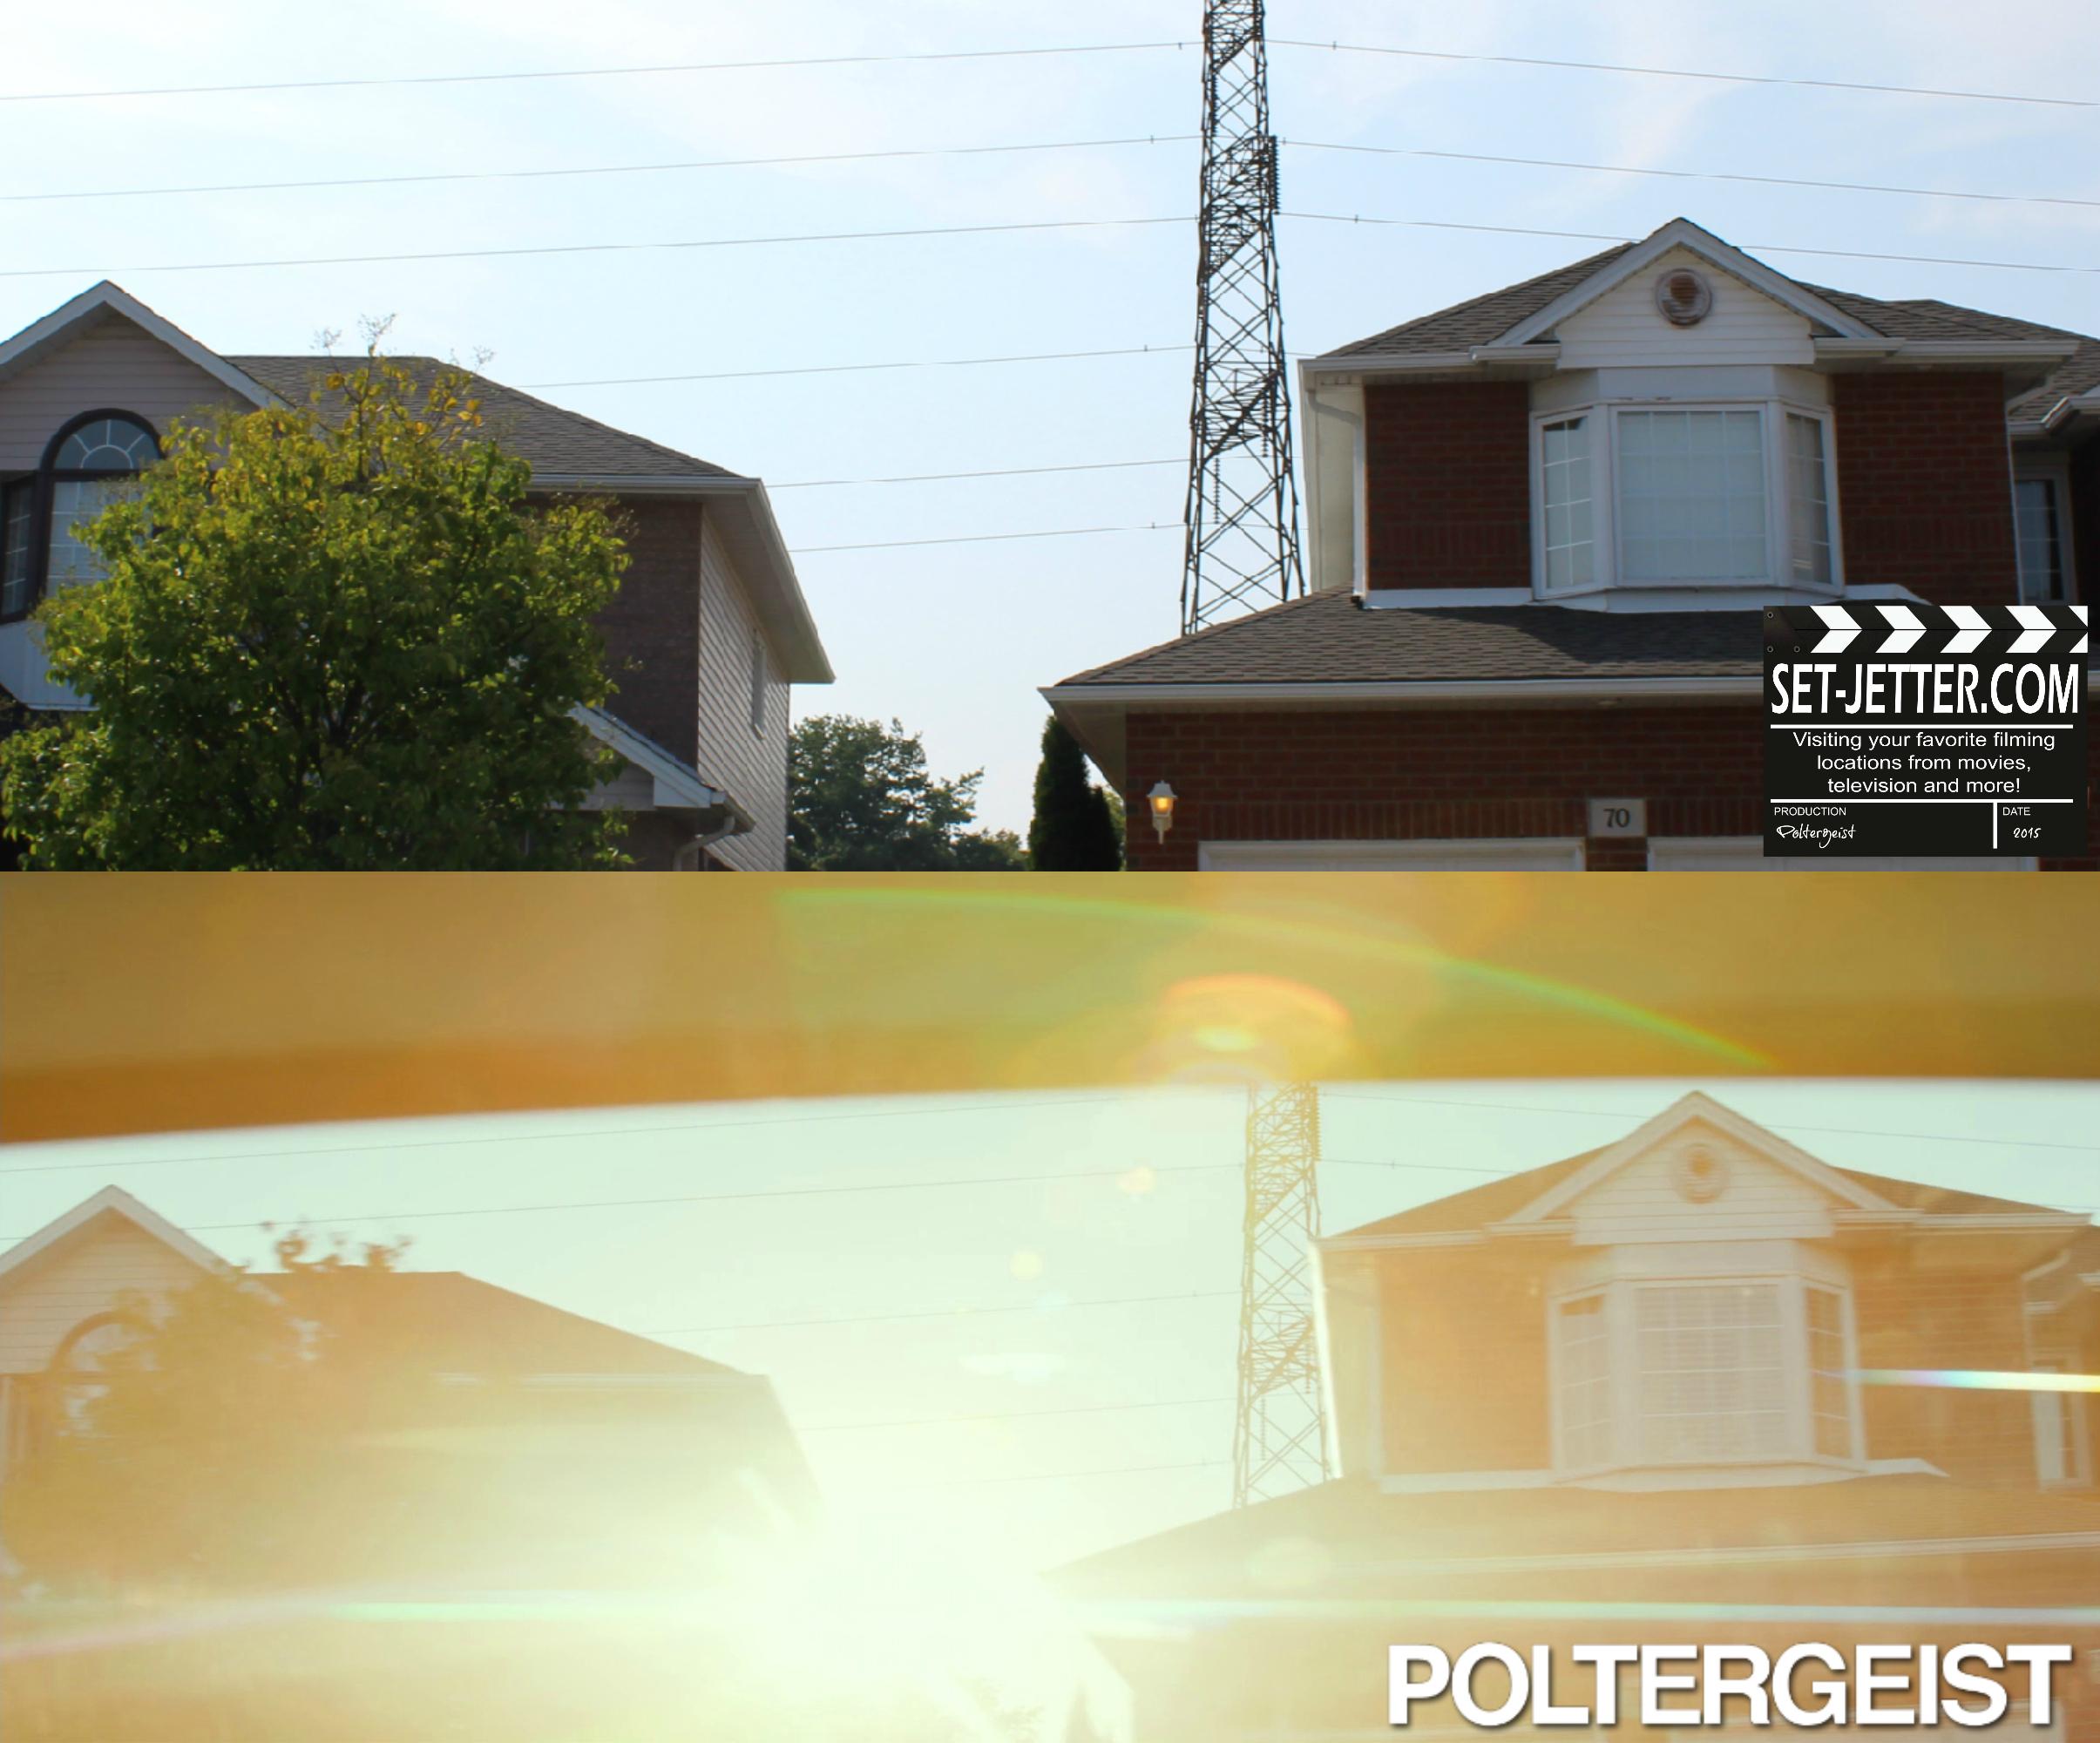 Poltergeist comparison 05.jpg